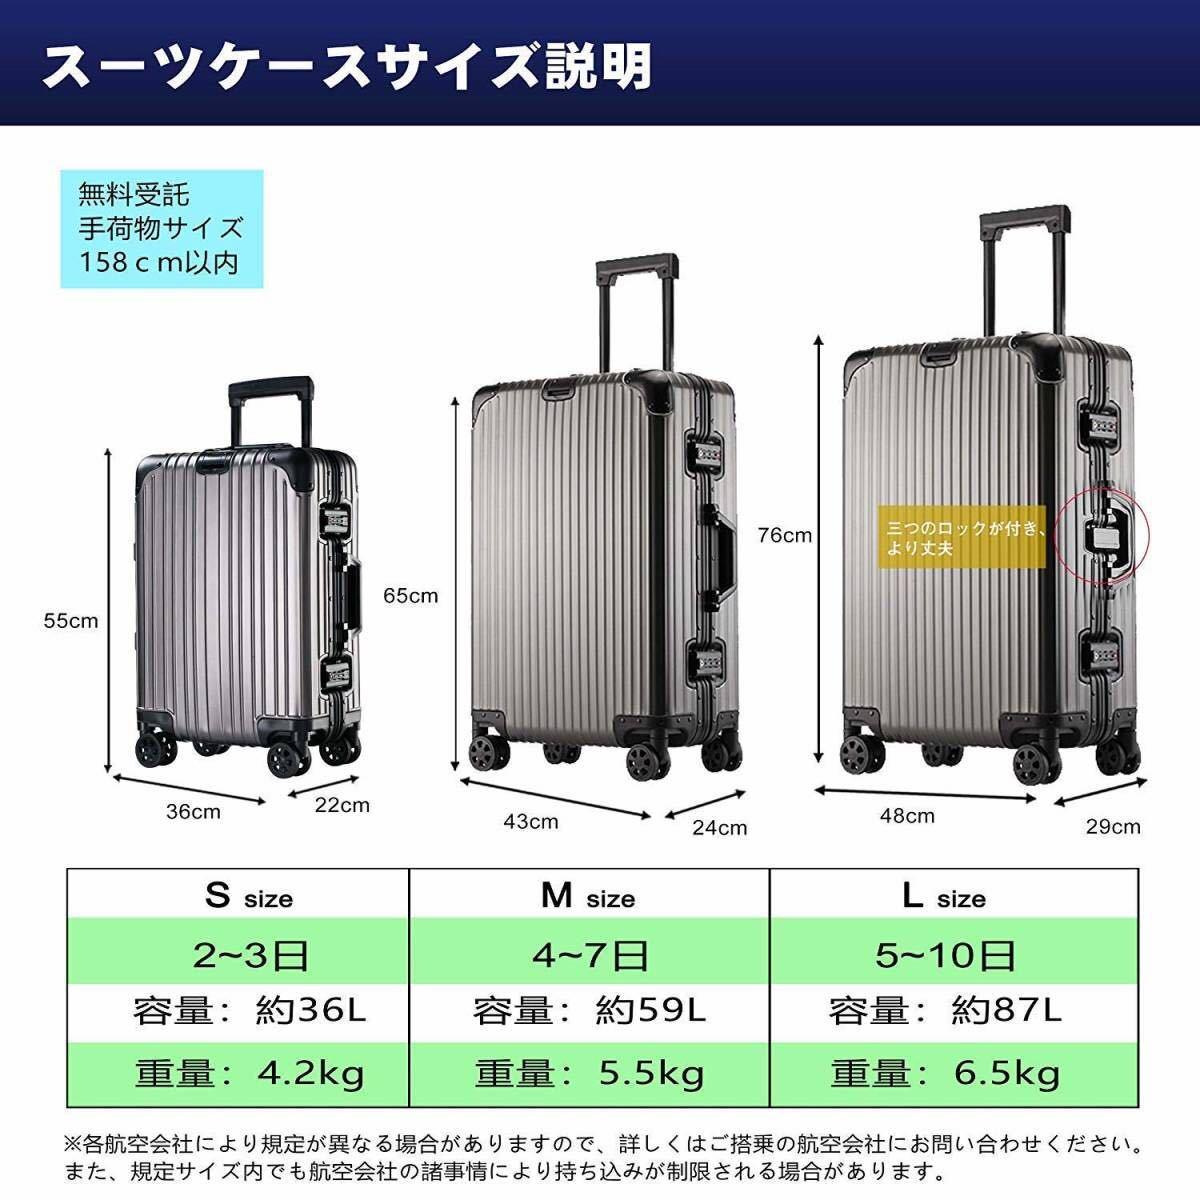 スーツケース アルミマグネシウム合金 キャリーバッグ 360度回転 静音キャスター TSAロック フレームタイプ 保護カバー付 軽量 新品未使用_画像6